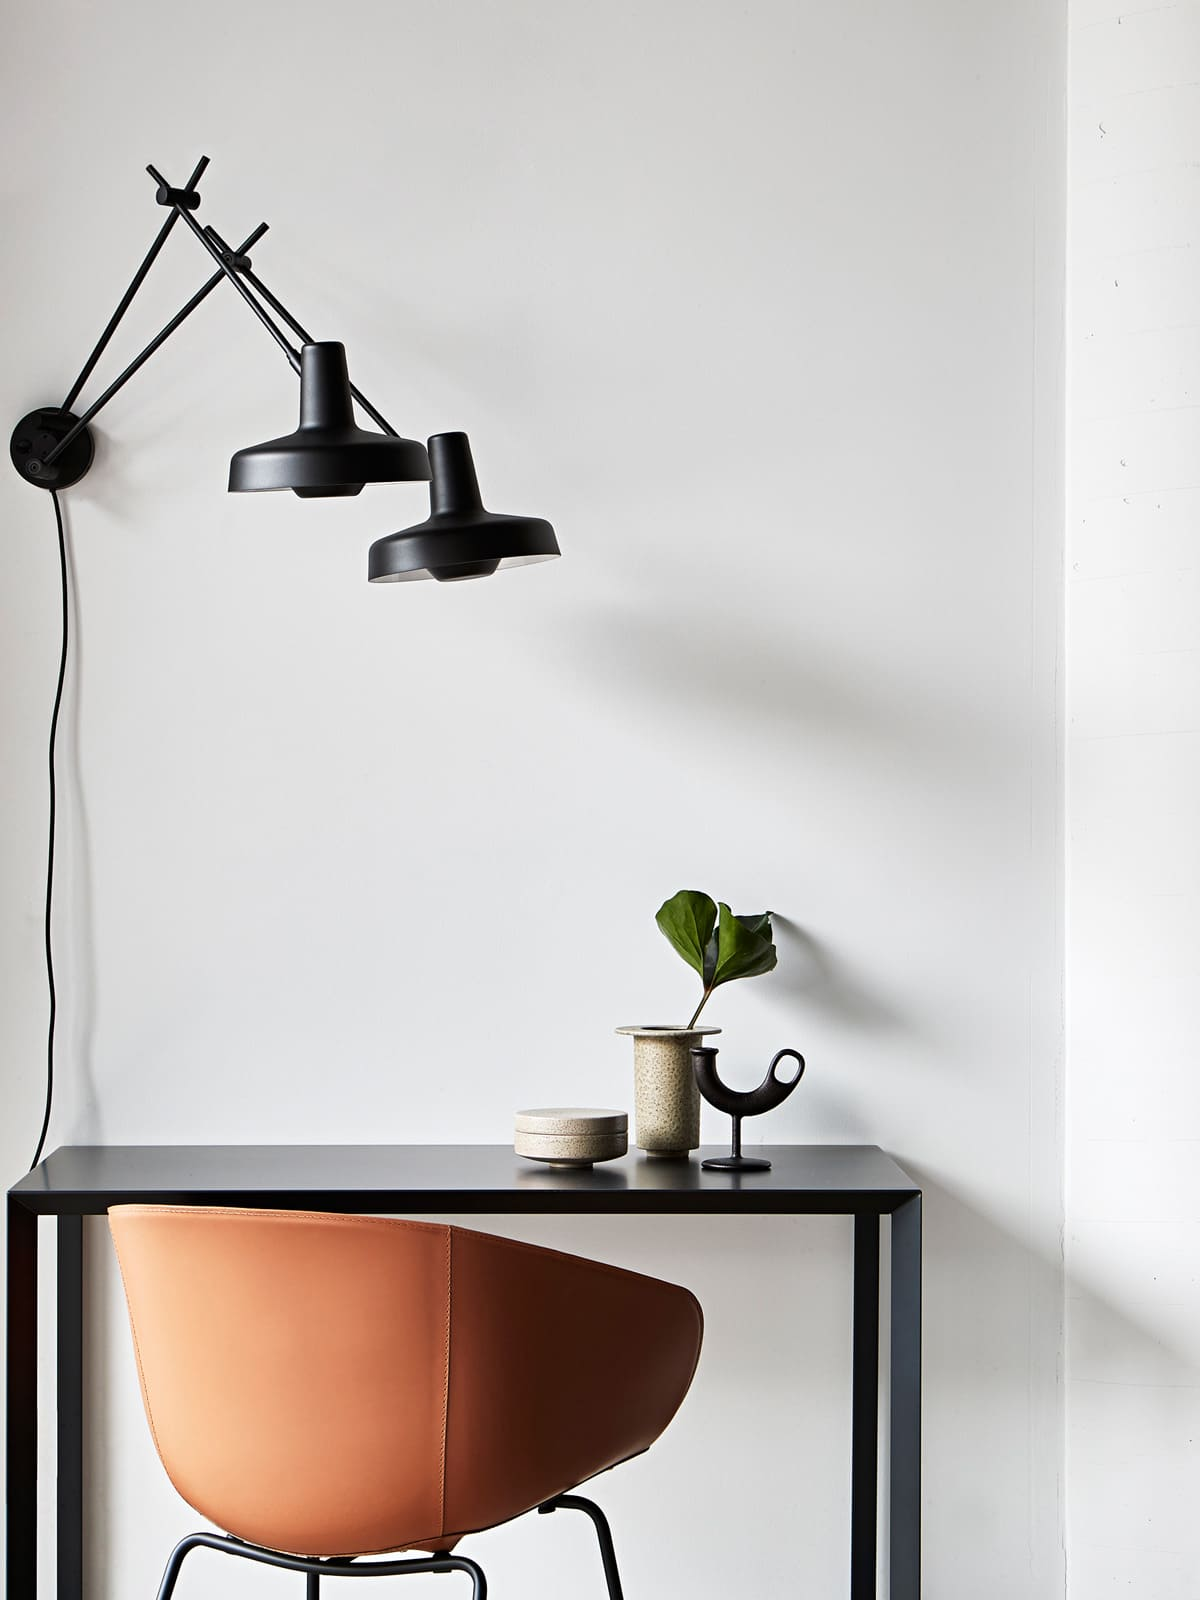 Grupa Lampe Arigato Wall Wandleuchte DesignOrt Leuchten Berlin